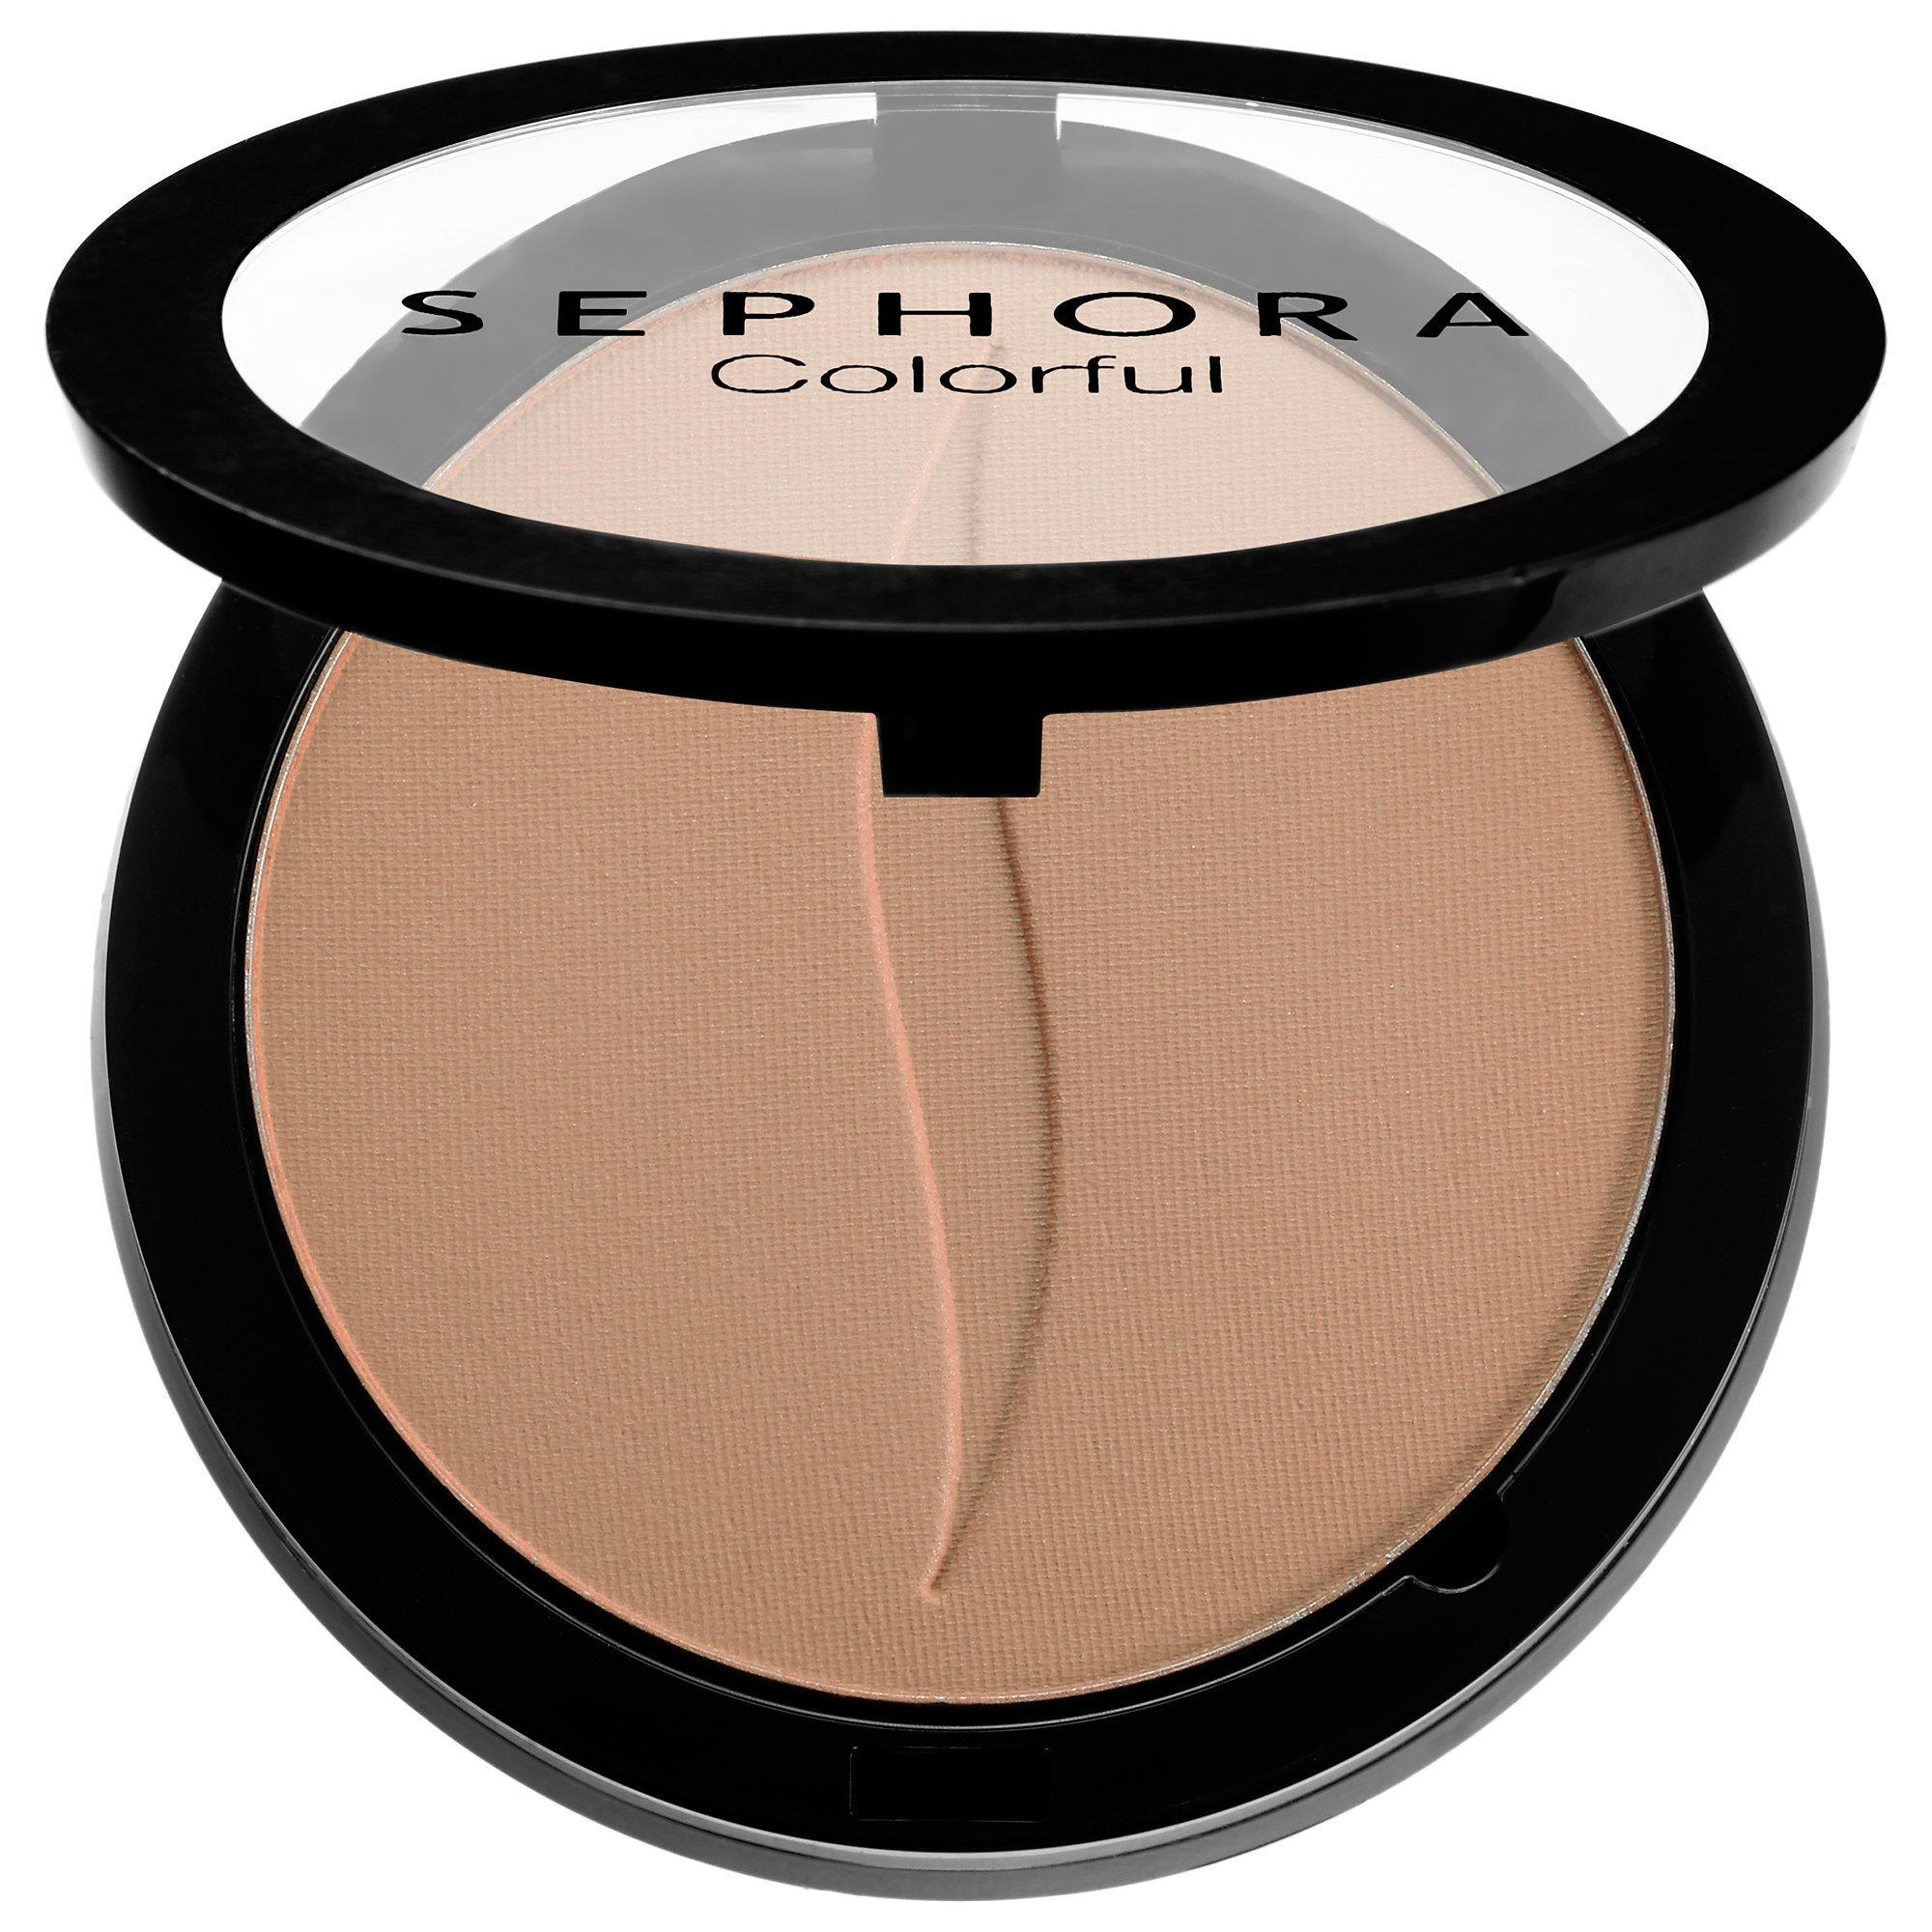 Sephora Colorful Face Powders Contour Los Cabos No. 24